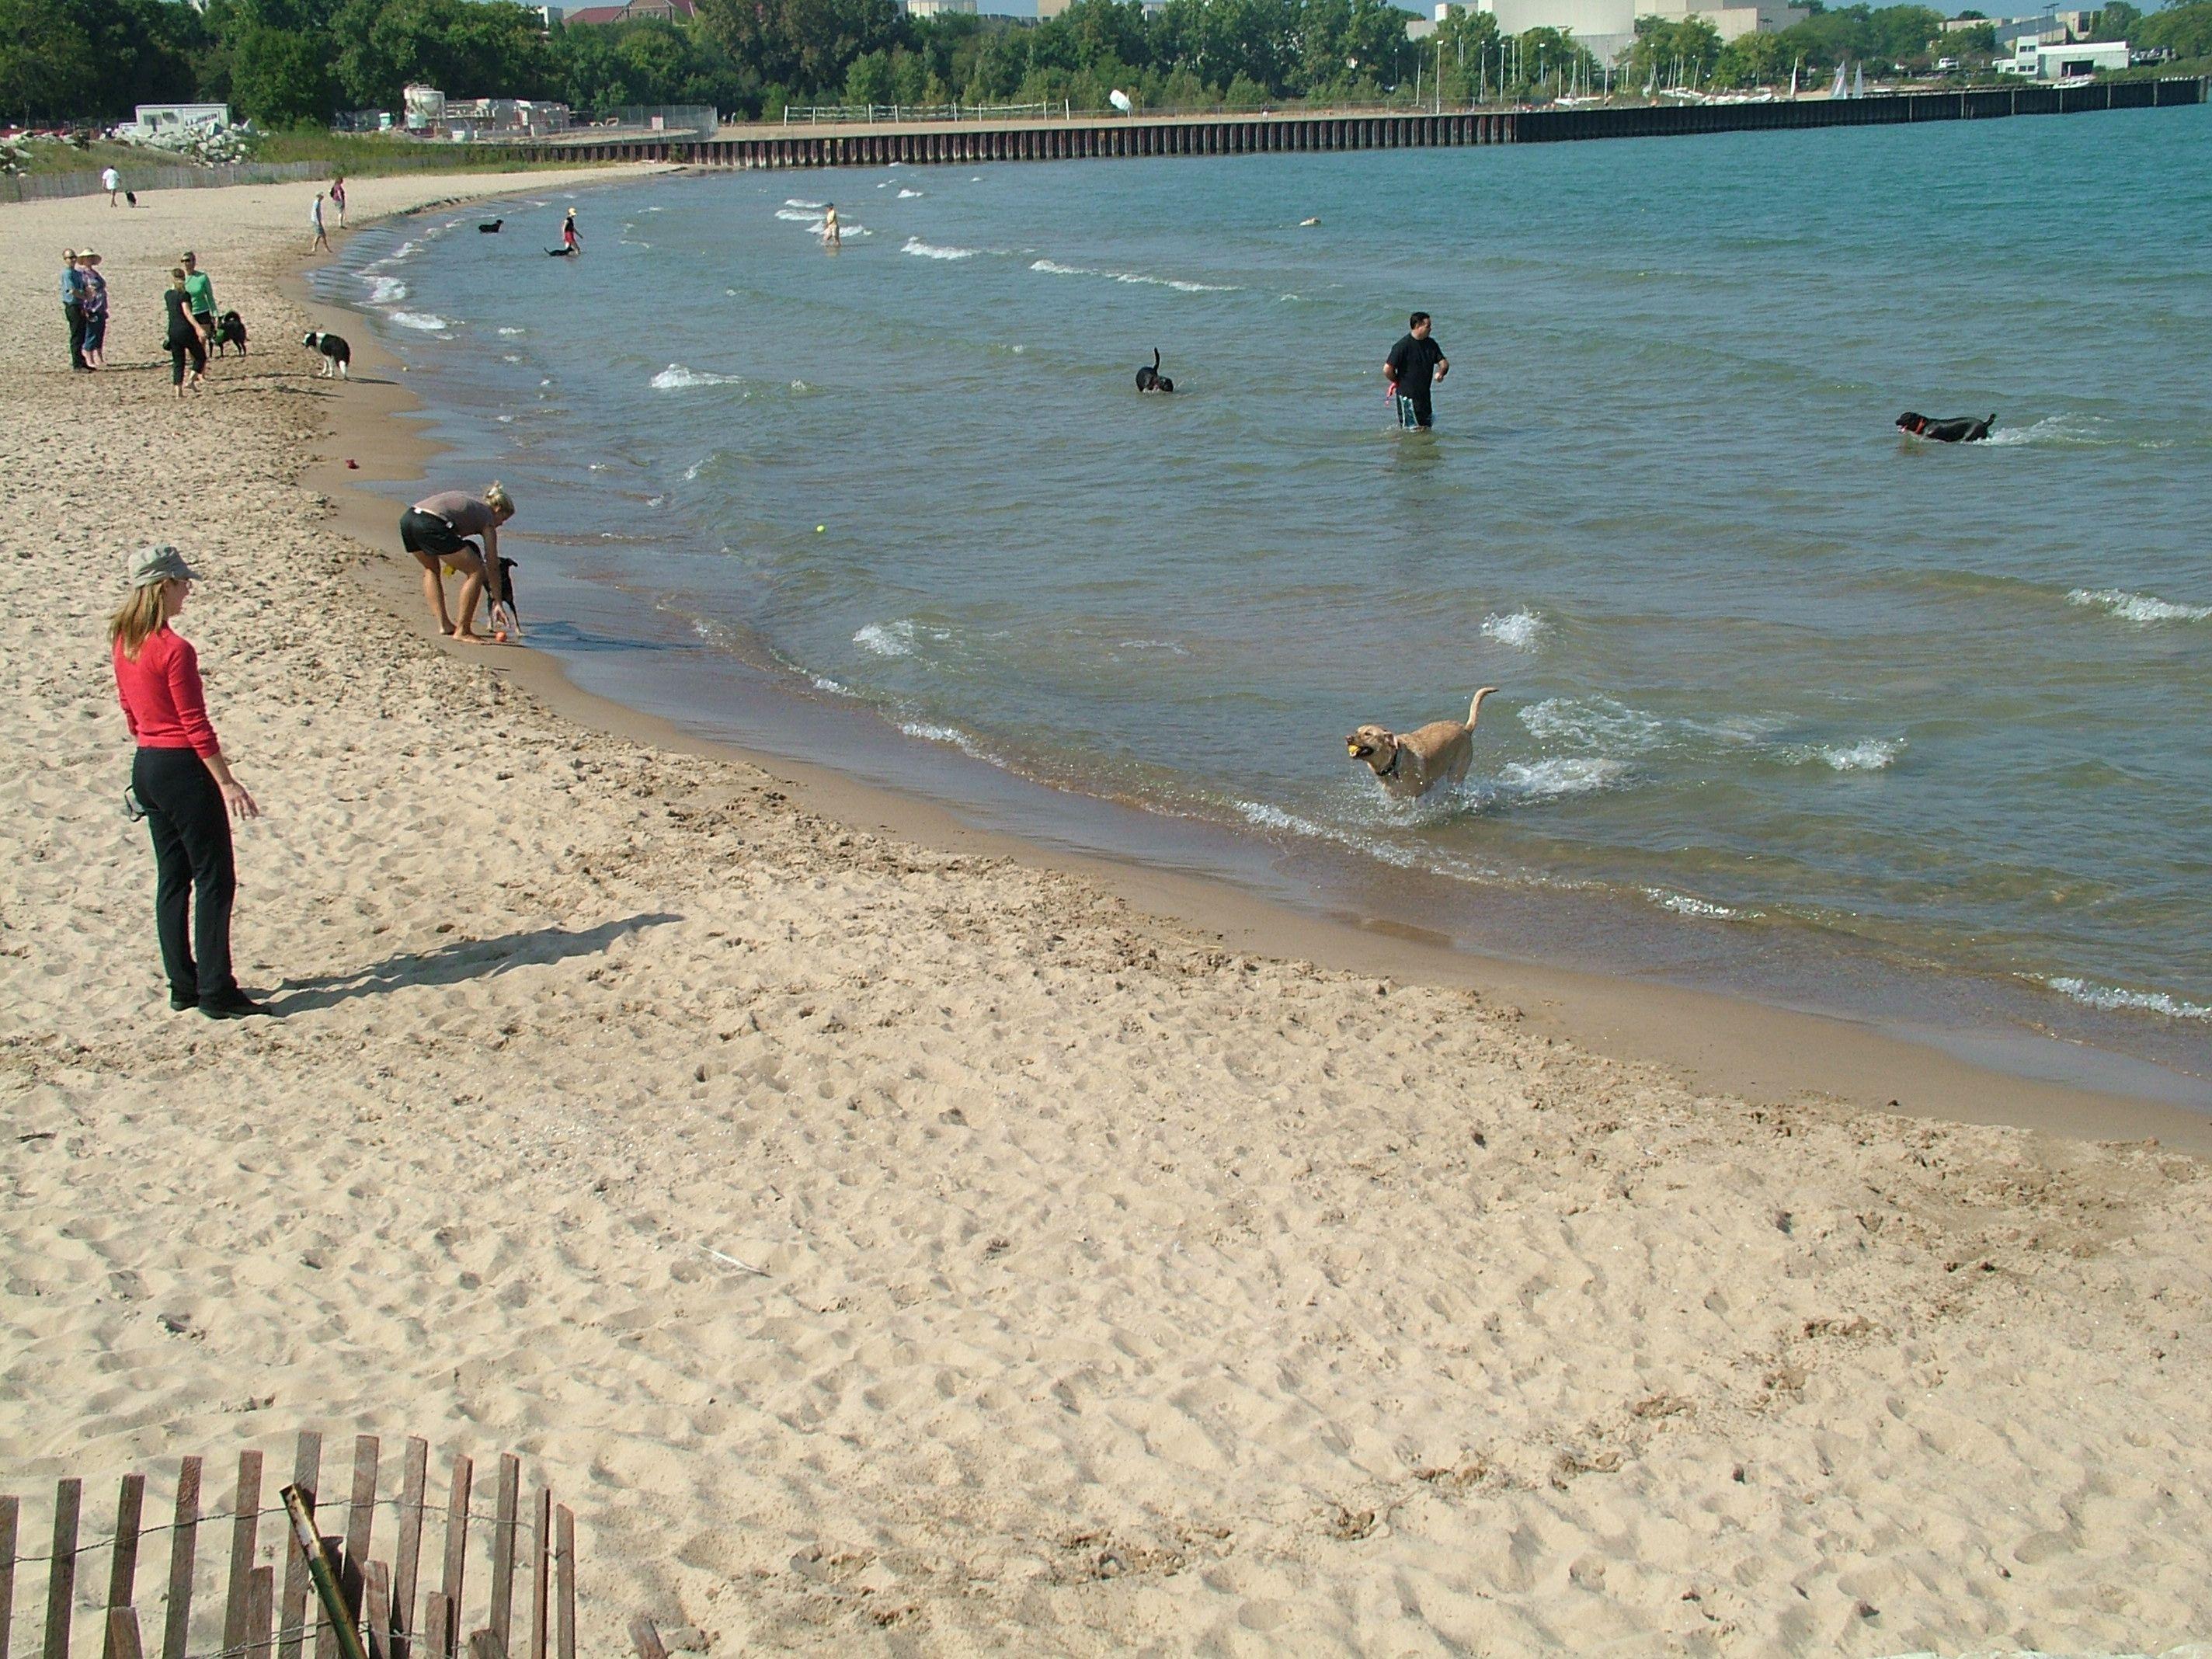 Fun at Evanston Dog Beach | Chicago | Dog beach, Evanston